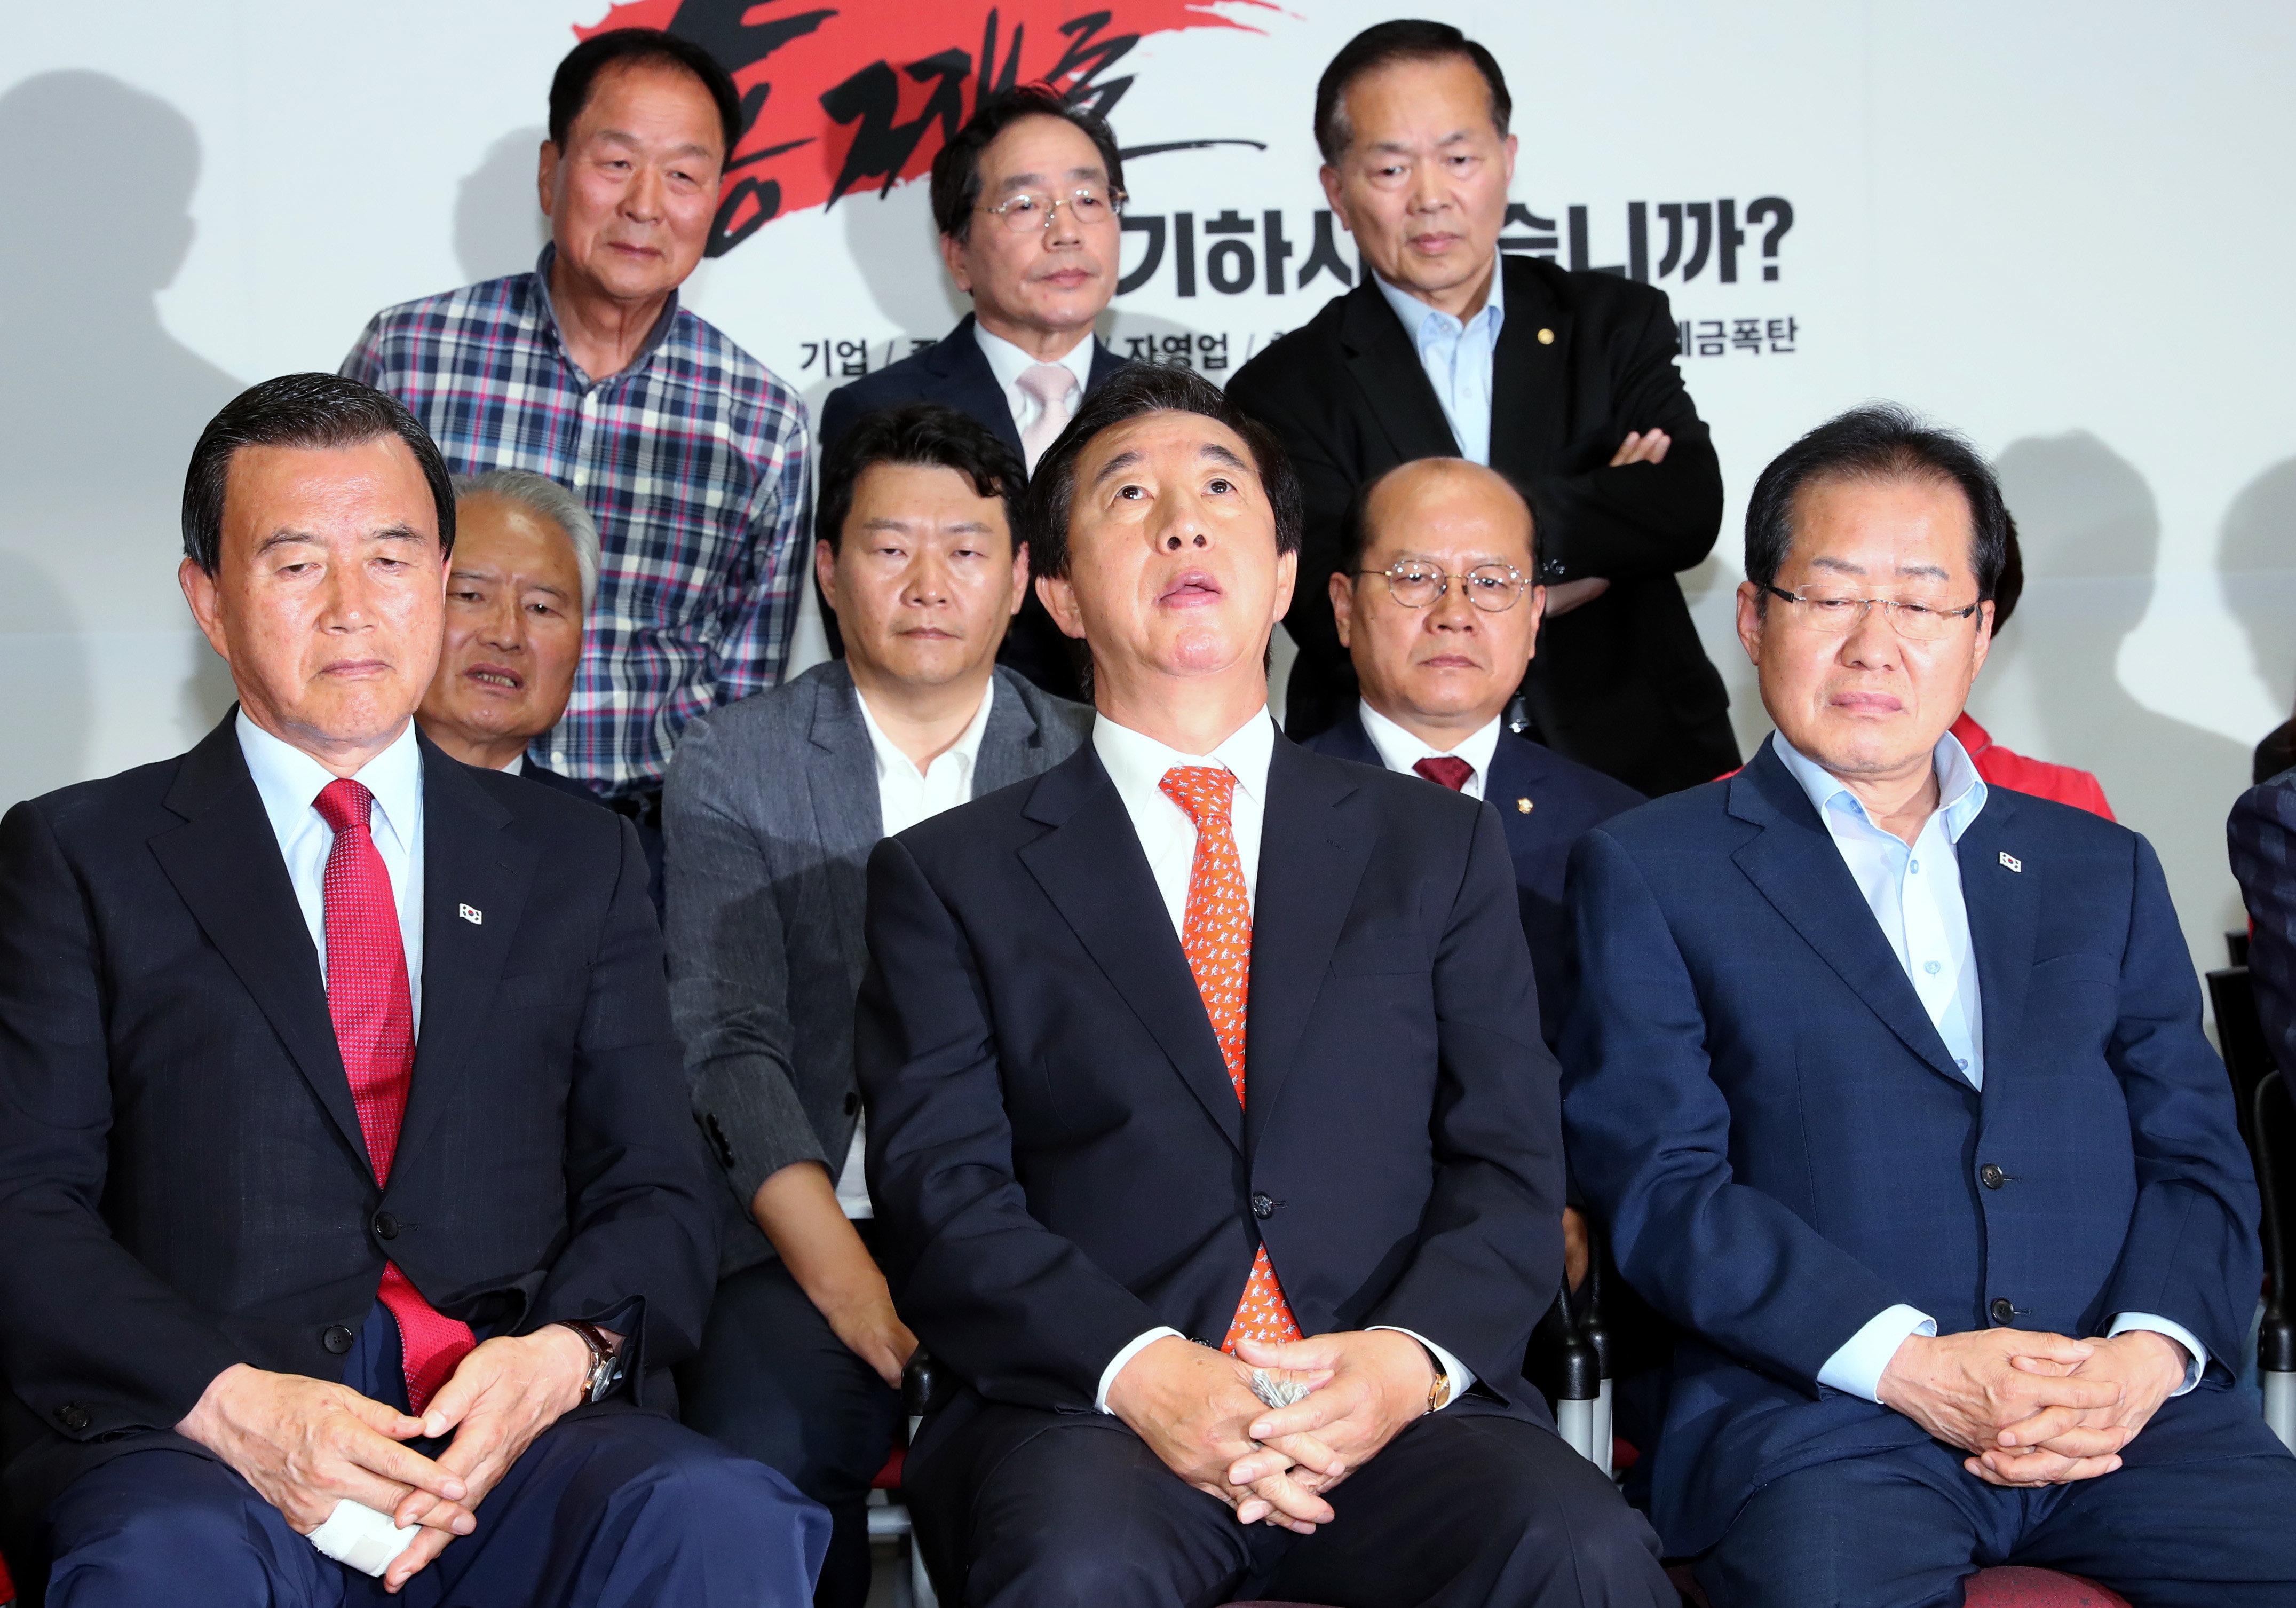 자유한국당은 2006년 열린우리당의 전철을 따를 것